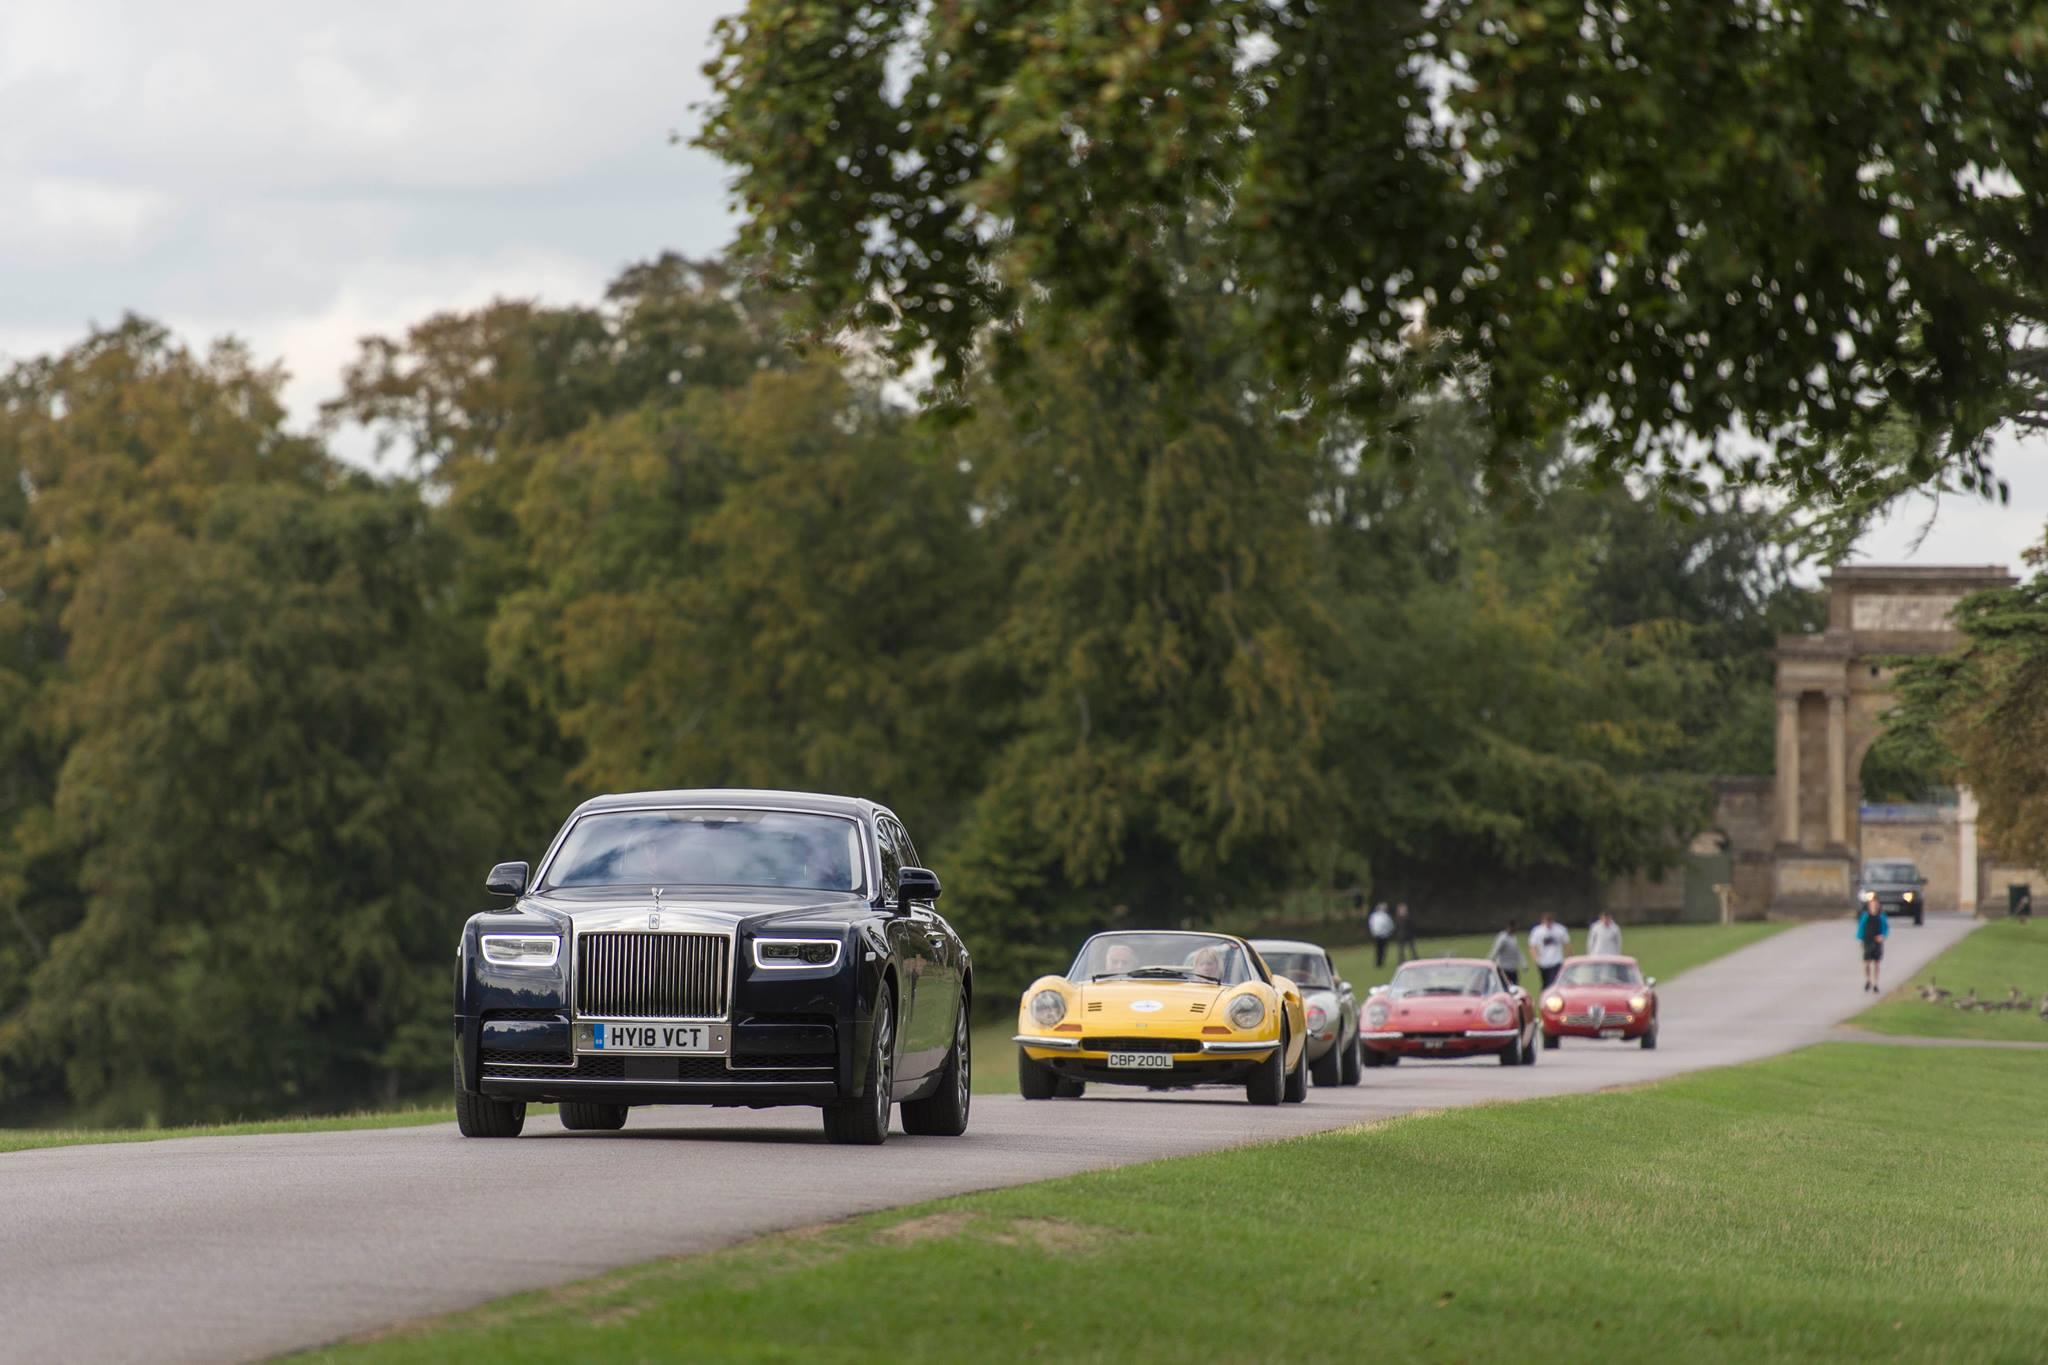 Salon_Privé_Concours_d'Elégance_Classic_Cars_Show_England